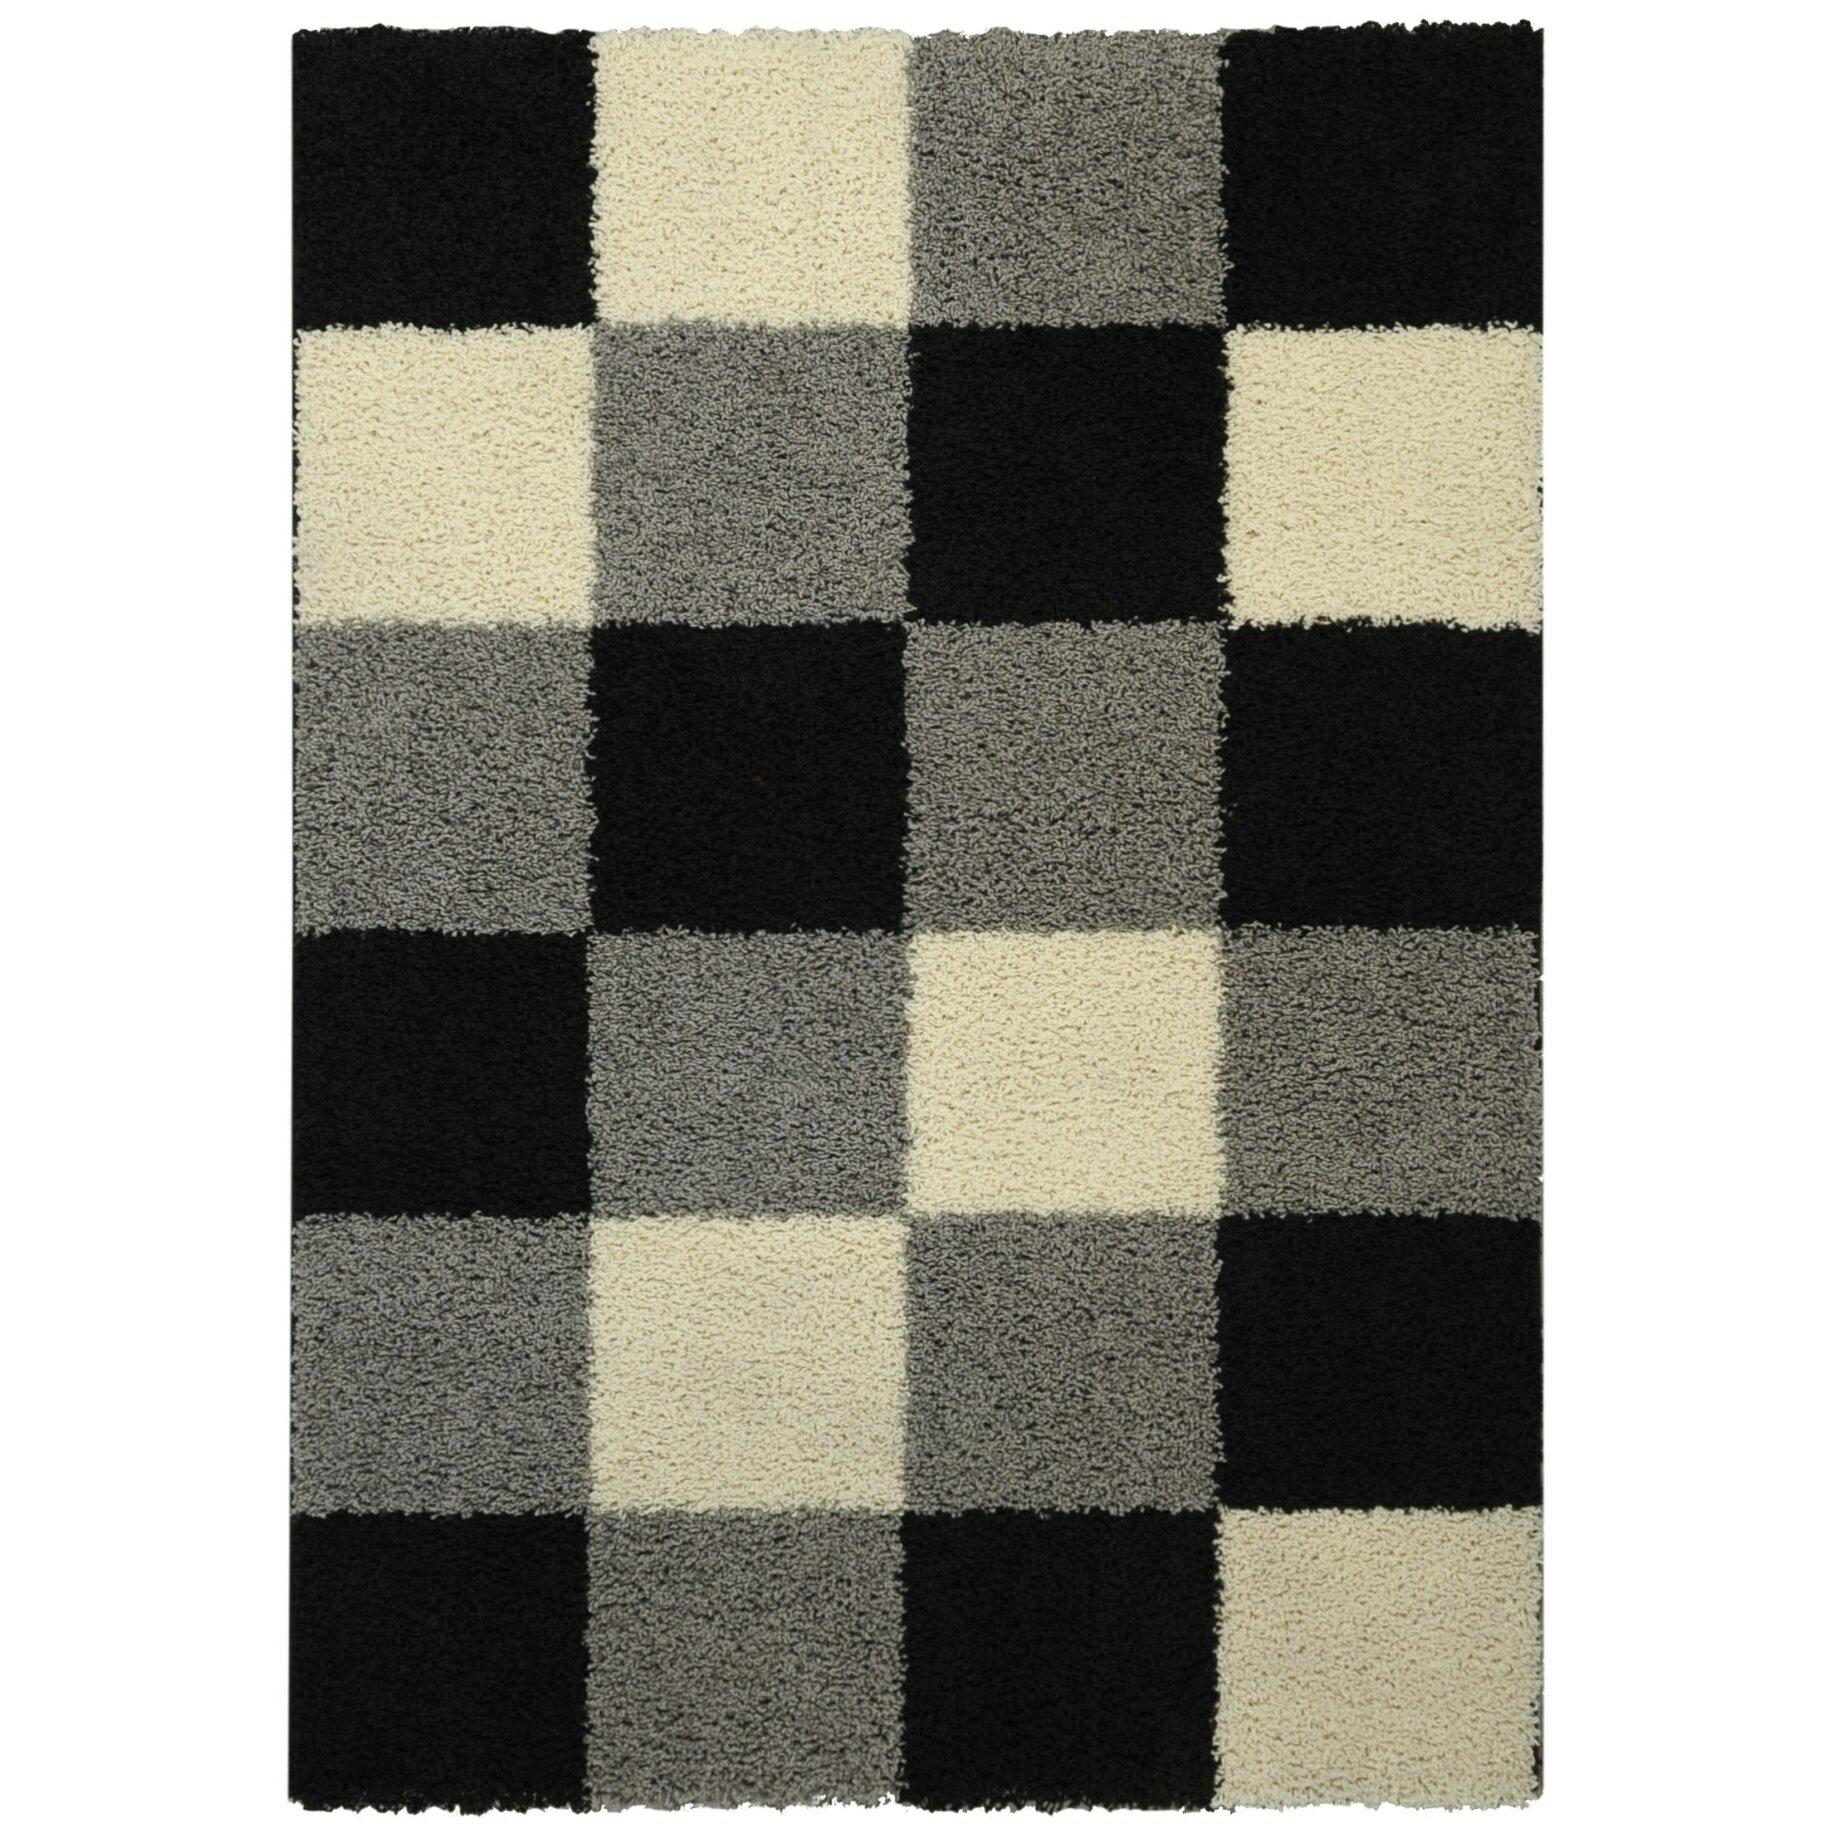 Rugnur bella maxy home checkerboard squares contemporary black grey shag area rug reviews - Checkerboard area rug ...